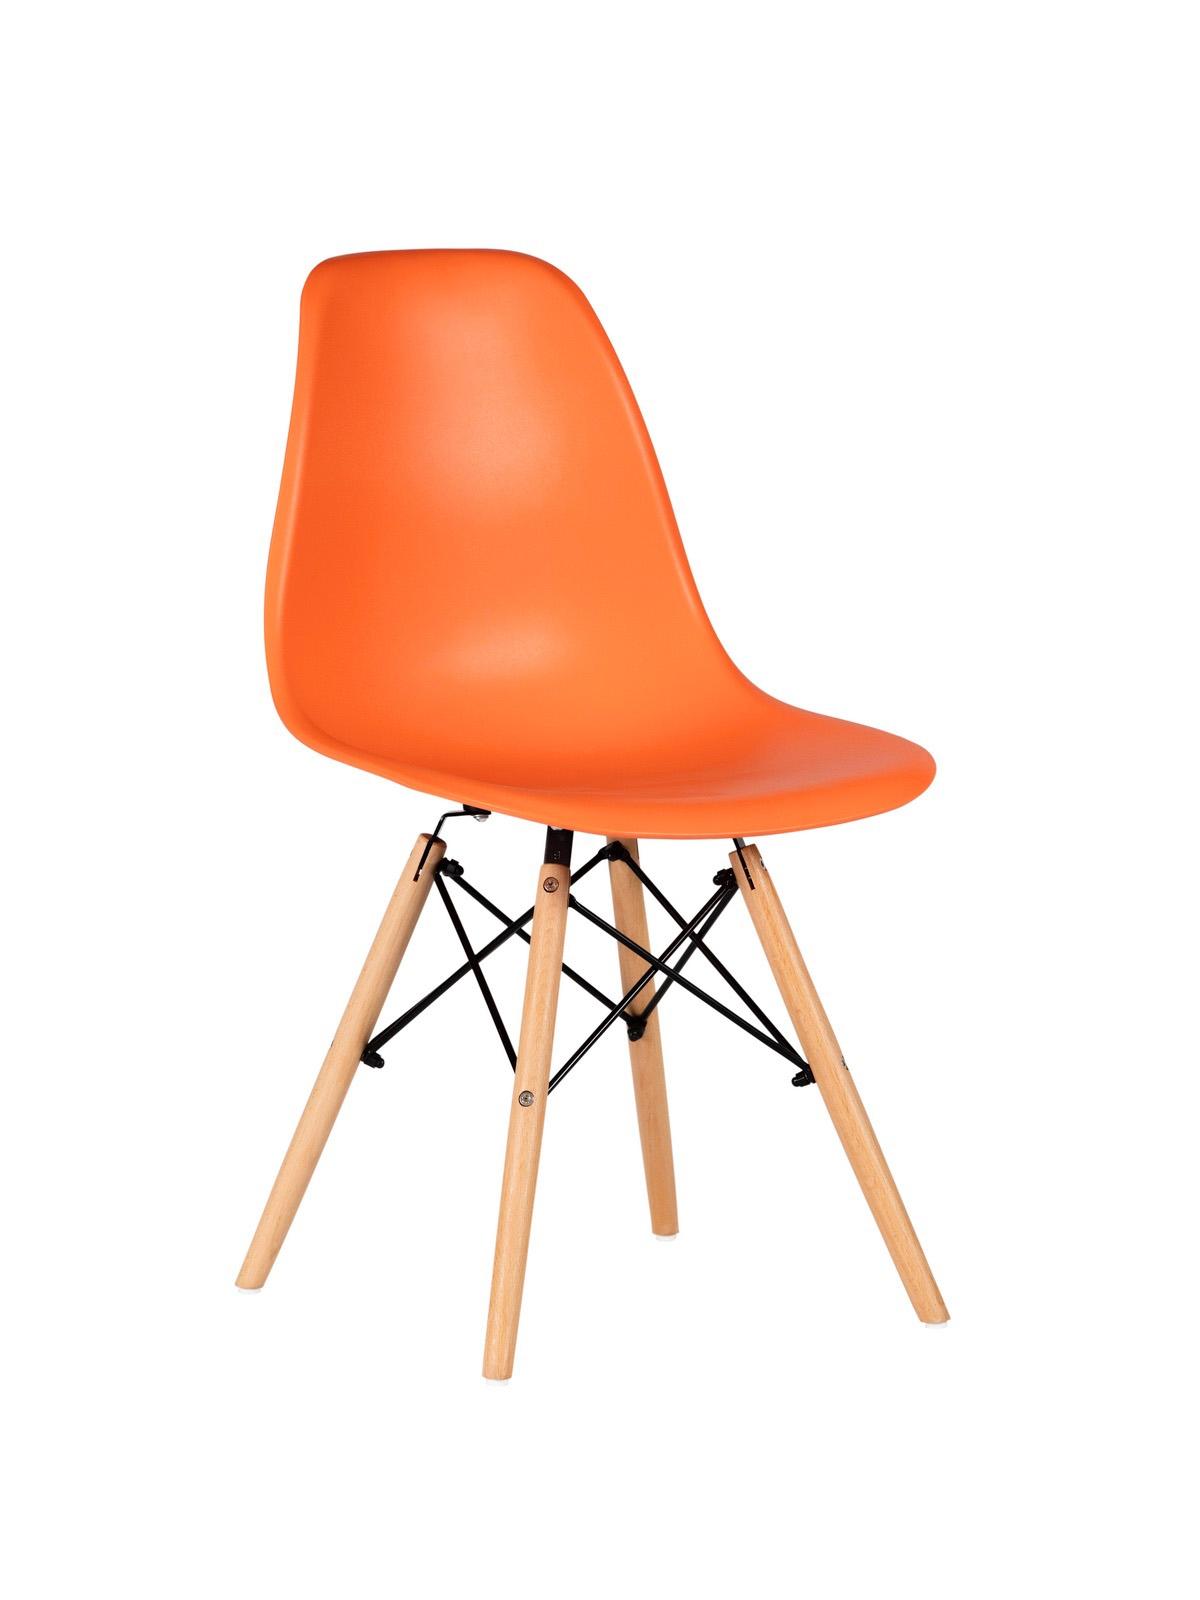 Scaun din plastic cu picioare din lemn Lois Orange, l46xA37xH81 cm imagine